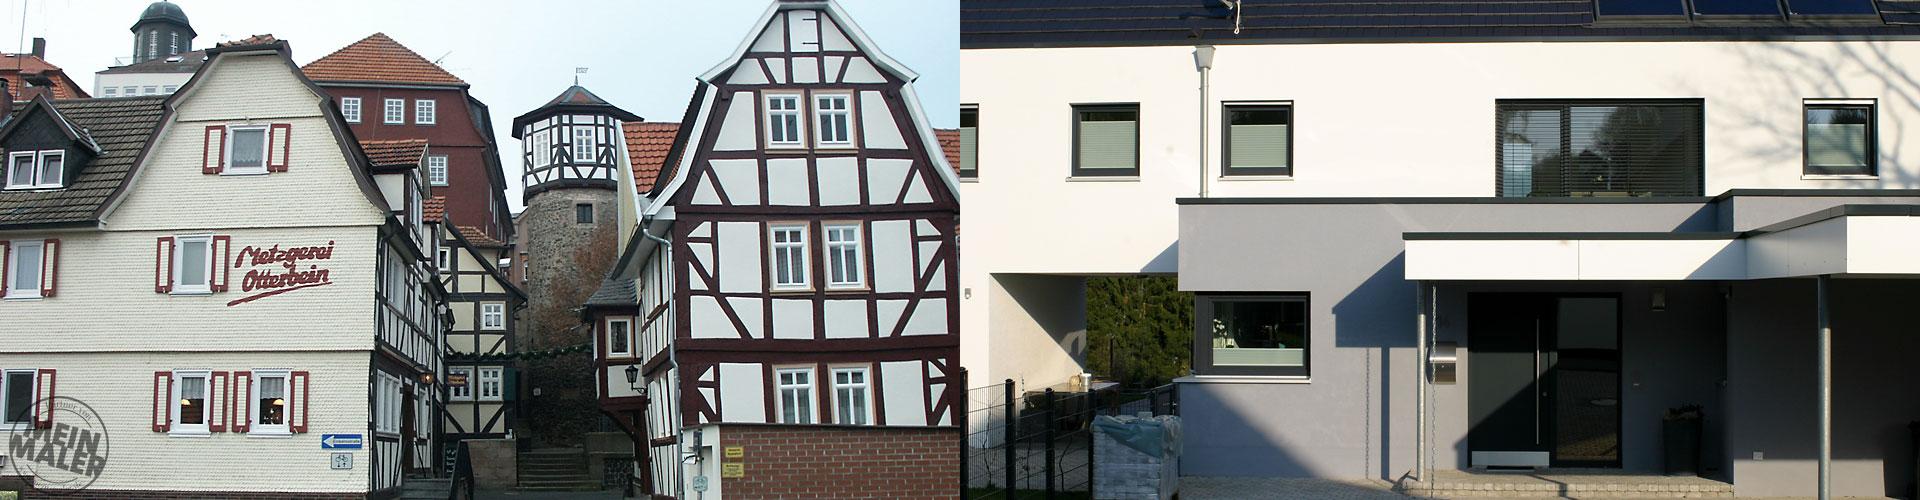 Fassadengestaltung Altbausanierung Fachwerksanierung Lauterbach Fulda Gießen